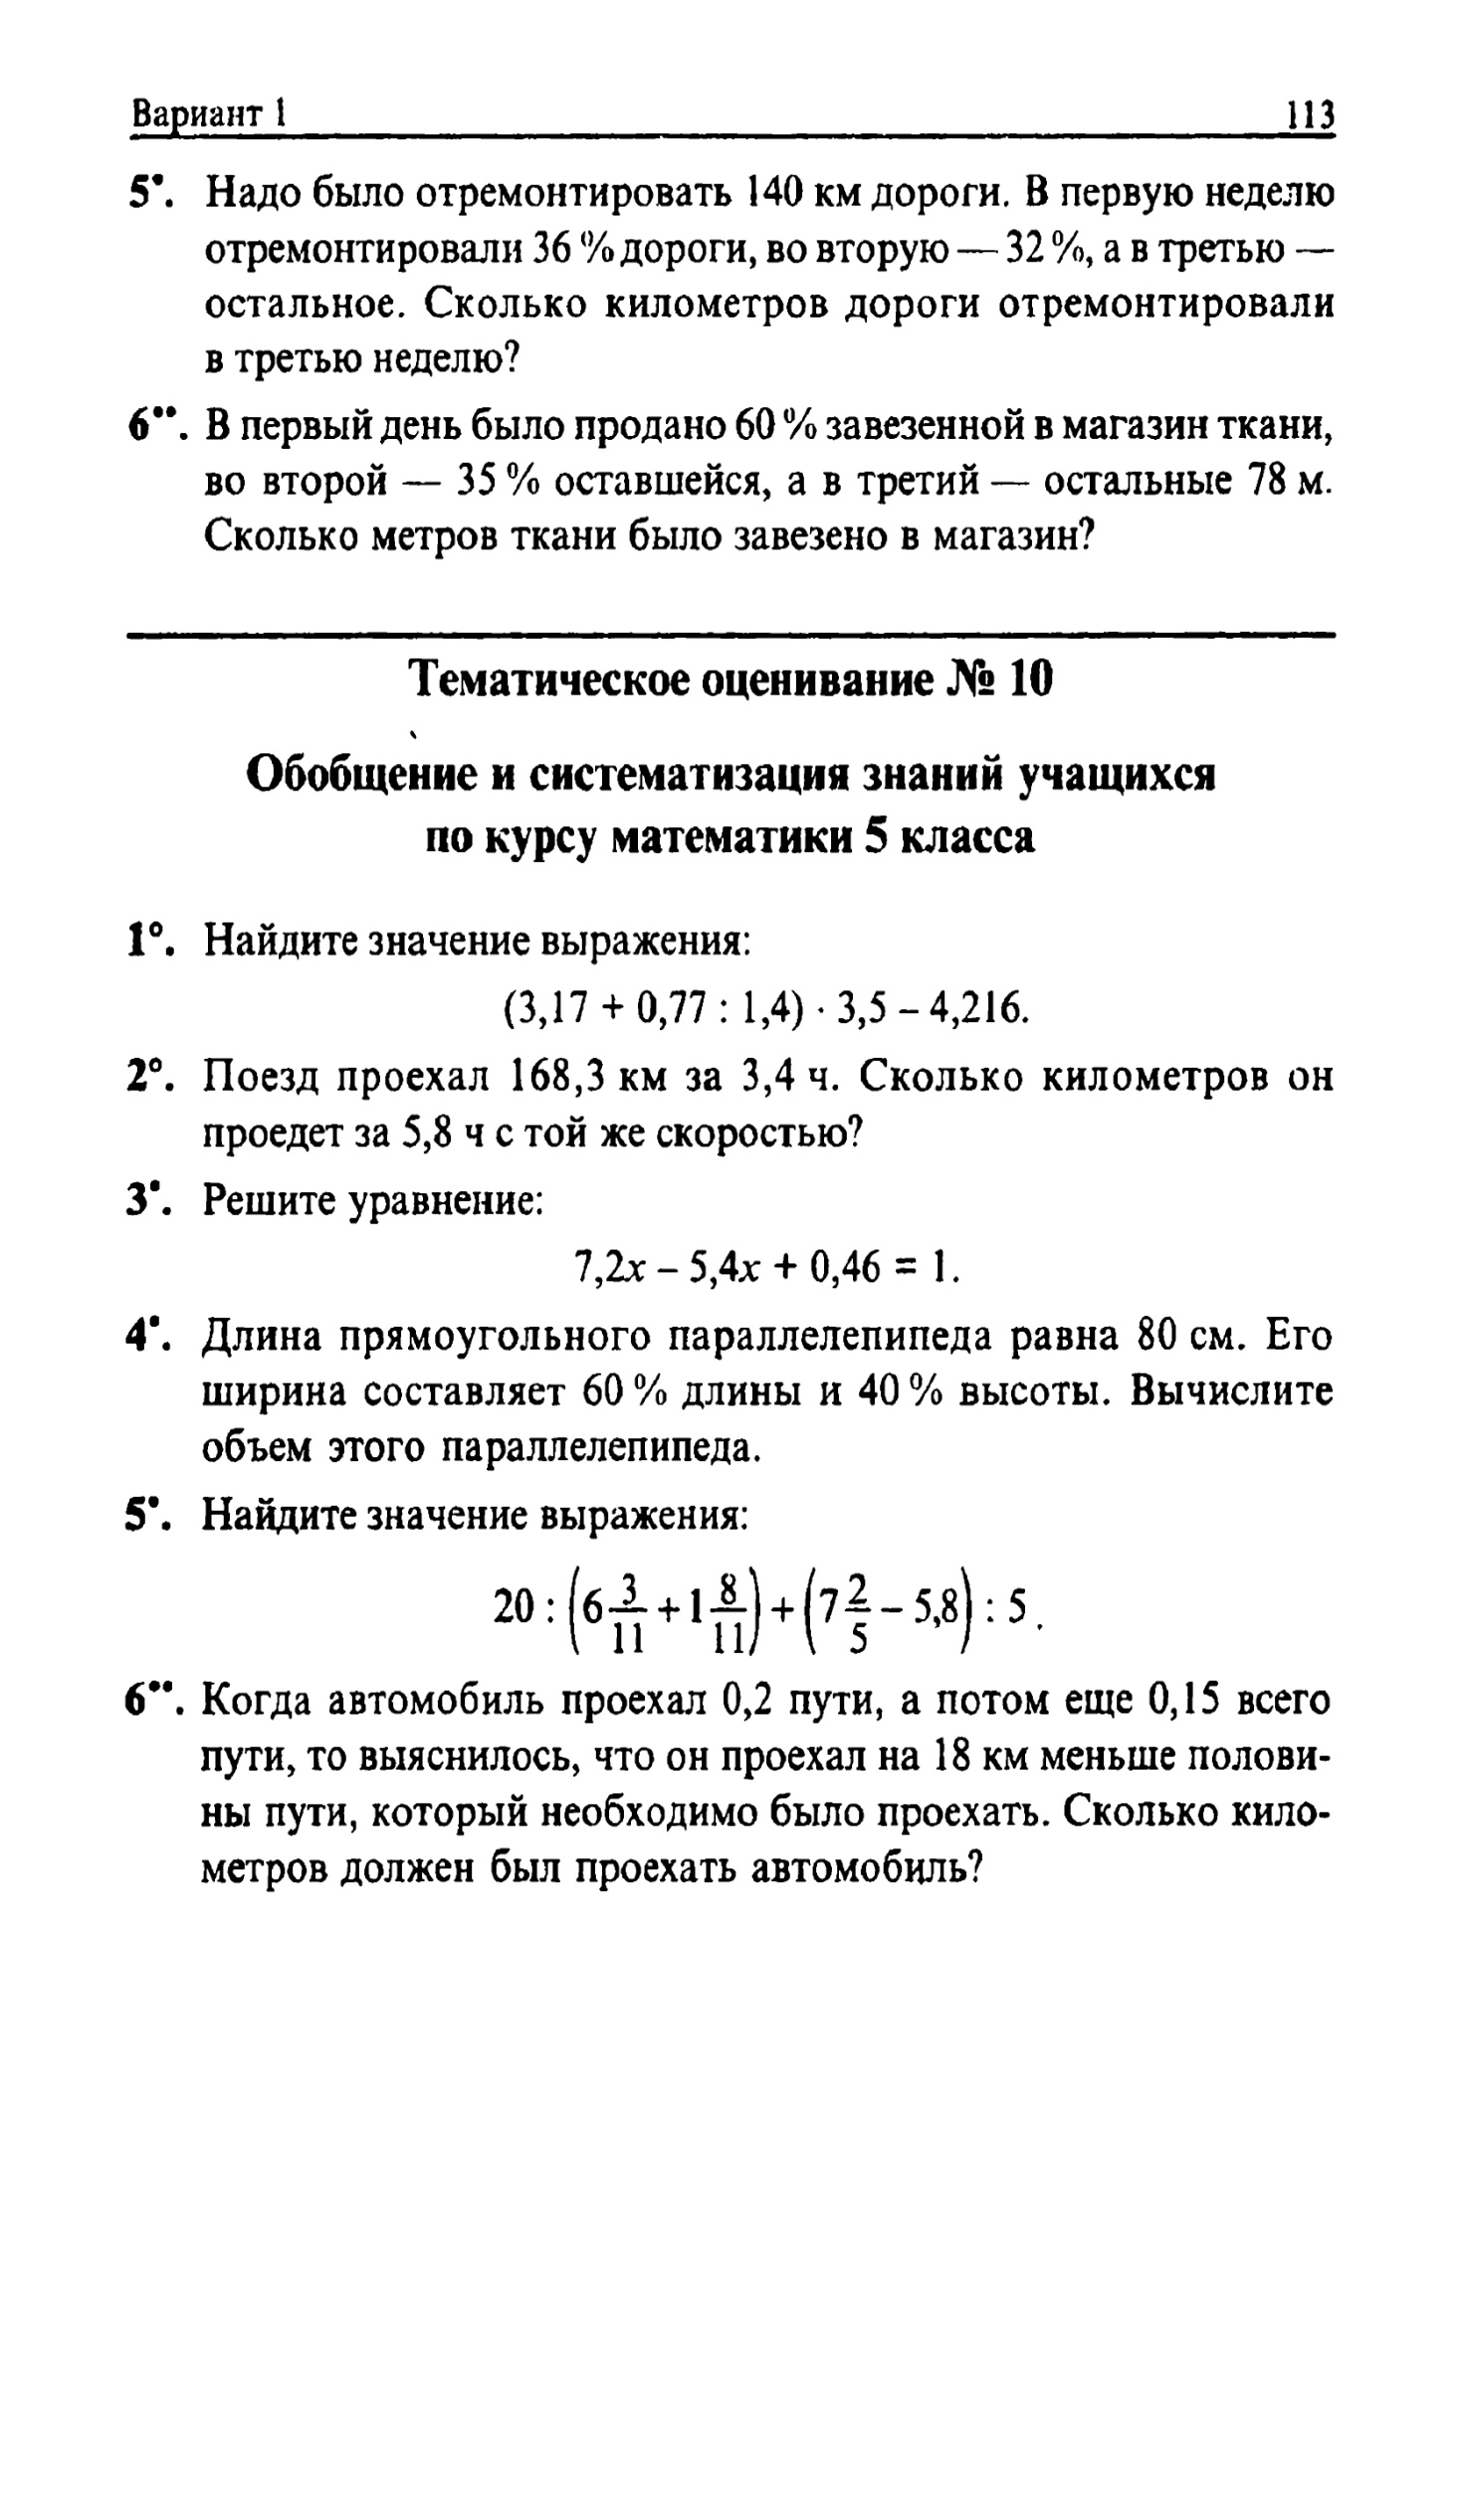 Планы-конспекты уроков по алгебре к учебнику мерзляк харьков скачать бесплатно